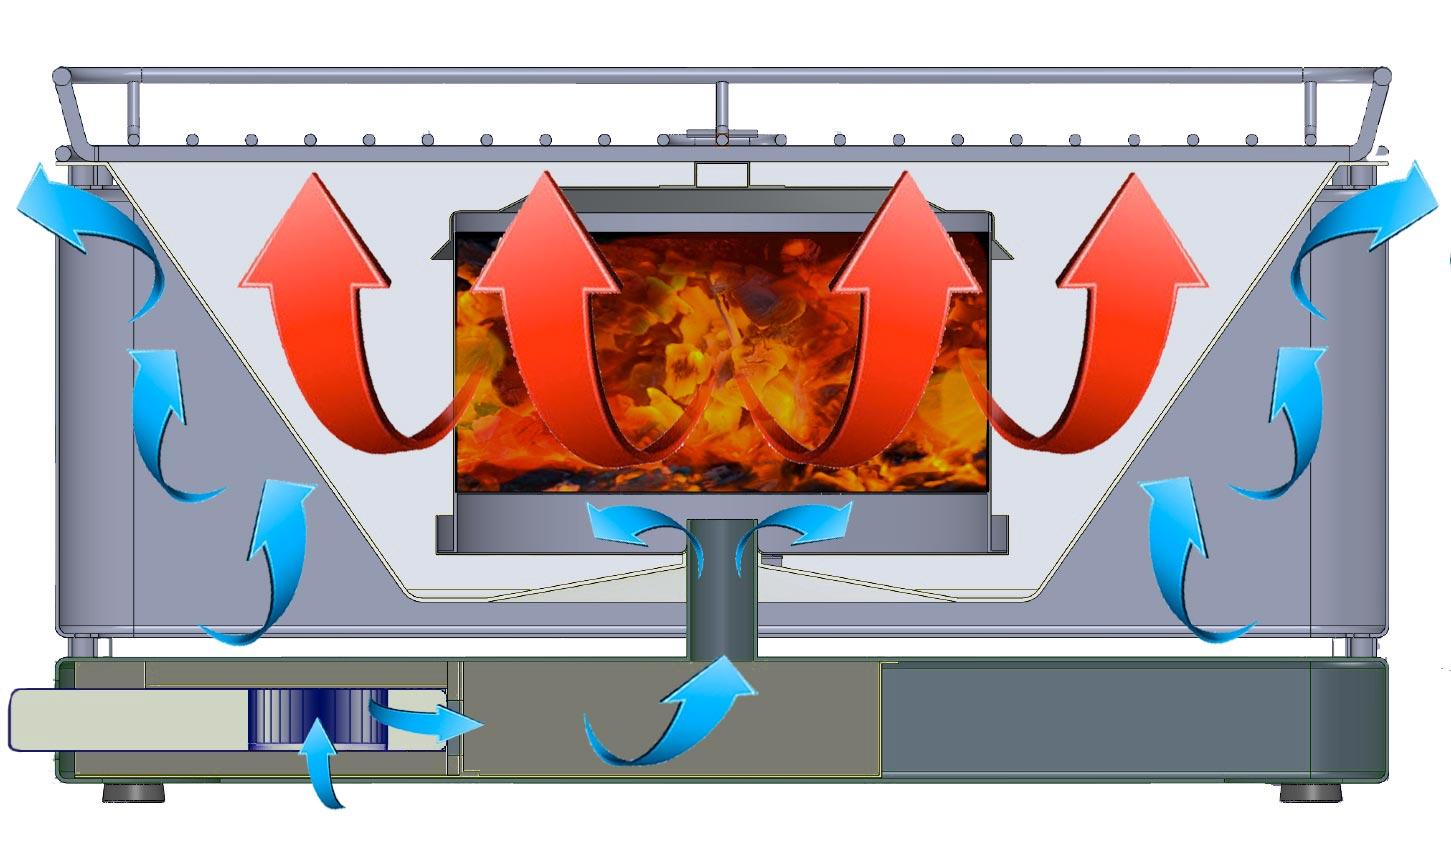 Rauchfreier Grill Feuerdesign Mayon Ø33cm rot Bild 3